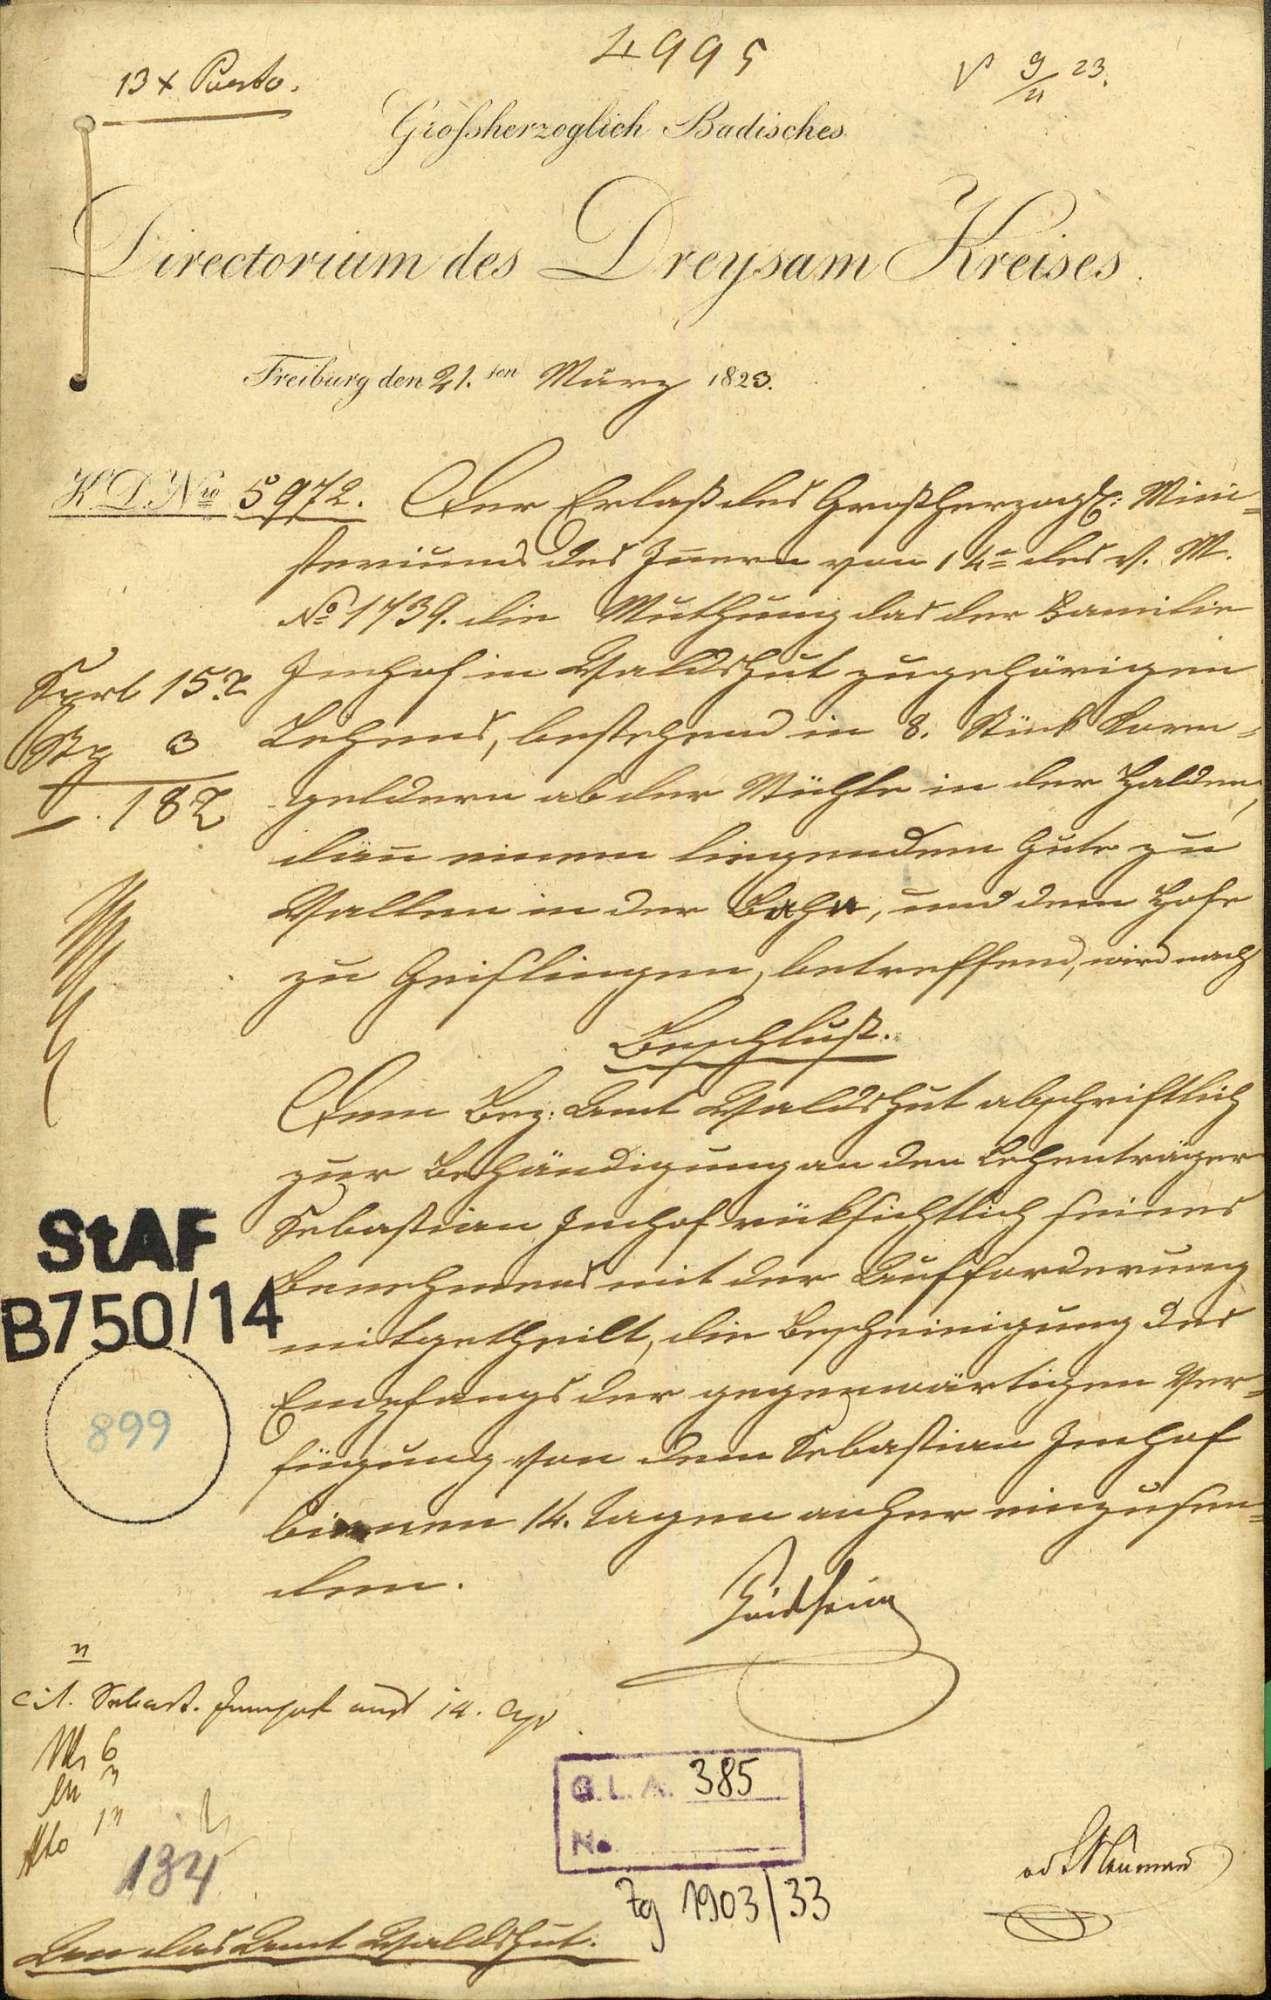 Mutung des der Familie Imhof in Waldshut zugehörigen Lehens, bestehend in 8 Stück Korngelder von der Mühle in der Halden, einem liegenden Gut zu Wallen in der Baar und dem Hof zu Geislingen, Bild 1